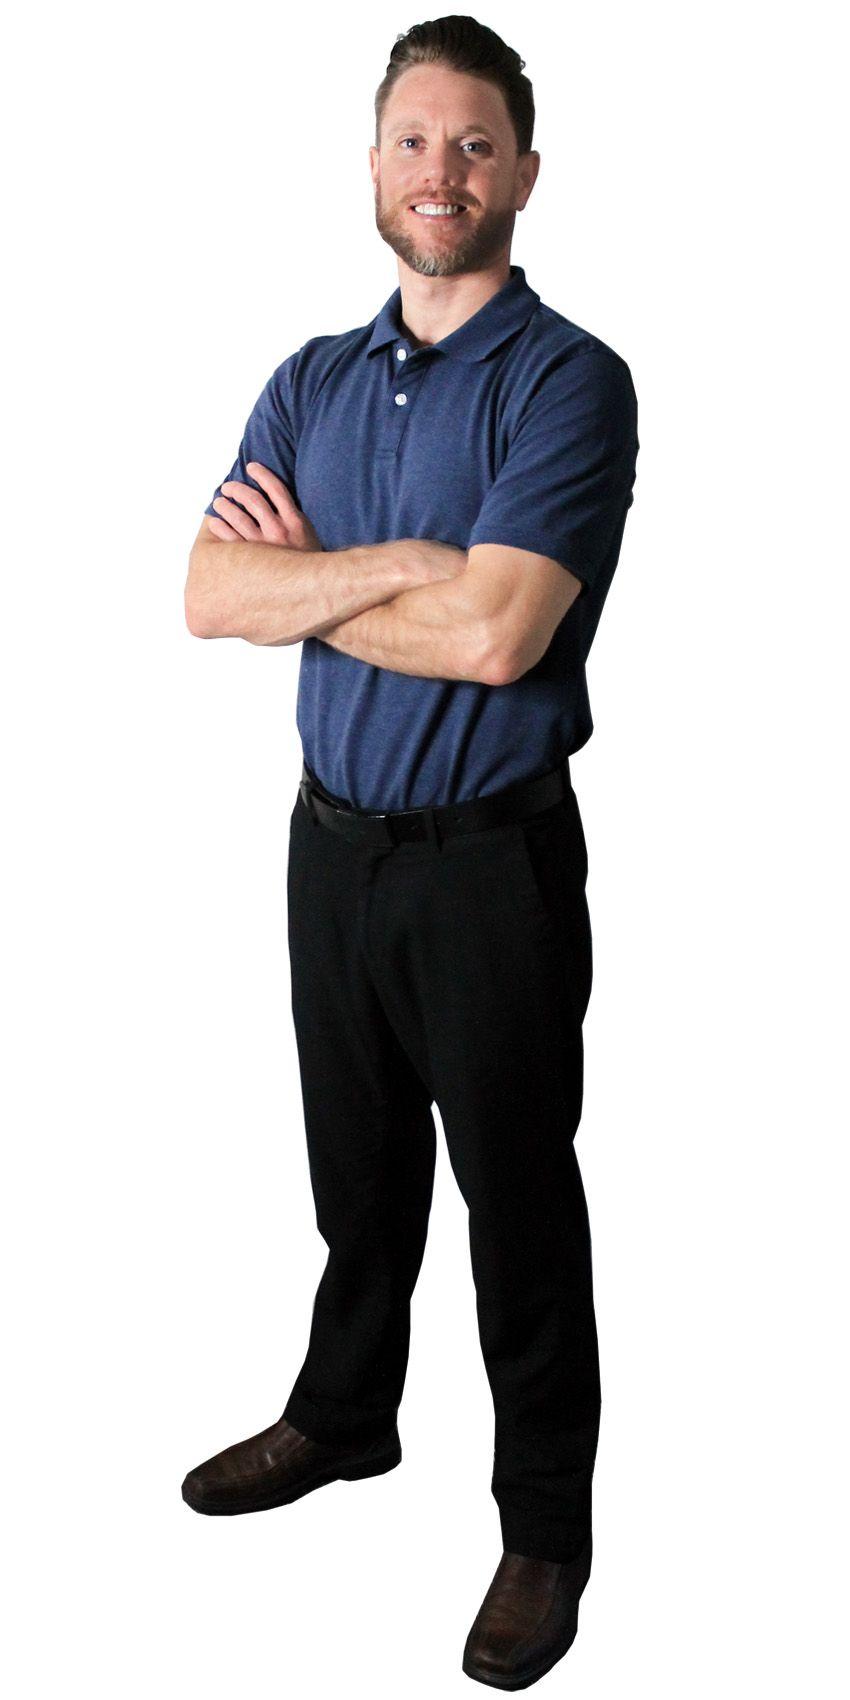 Dr. Ryan Hayman